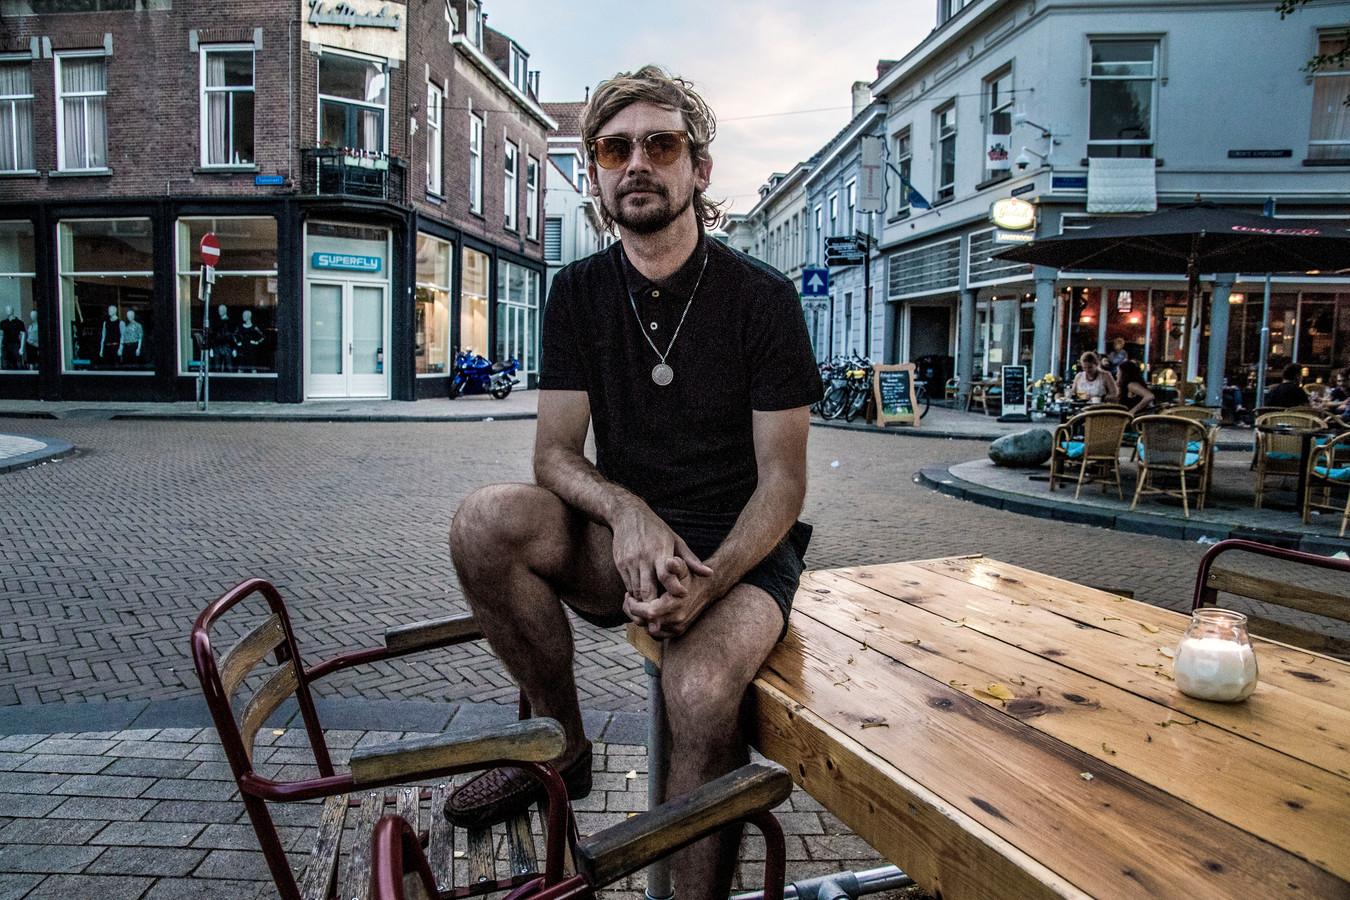 """Jeroen Opstelten alias Ben Penn op de Vijfsprong. """"Tilburg is één grote takkenzooi."""" Foto Jan van Eijndhoven"""